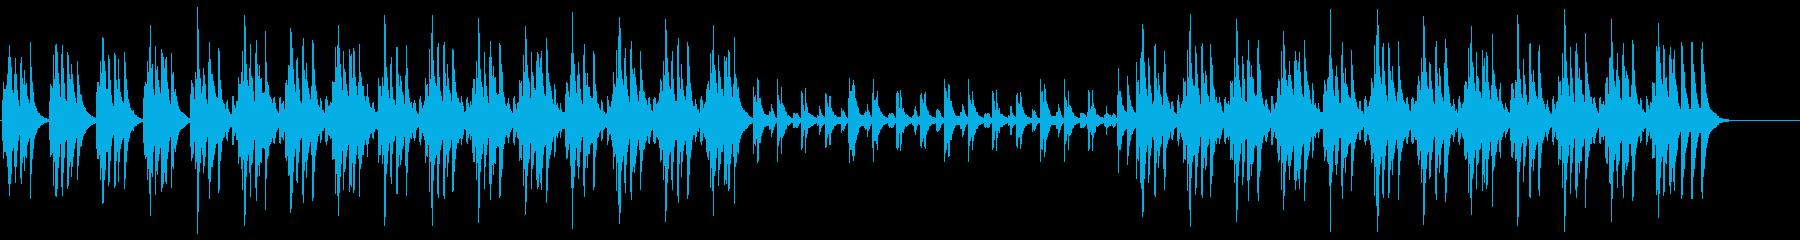 メロディアスで跳ねるような木琴BGMの再生済みの波形